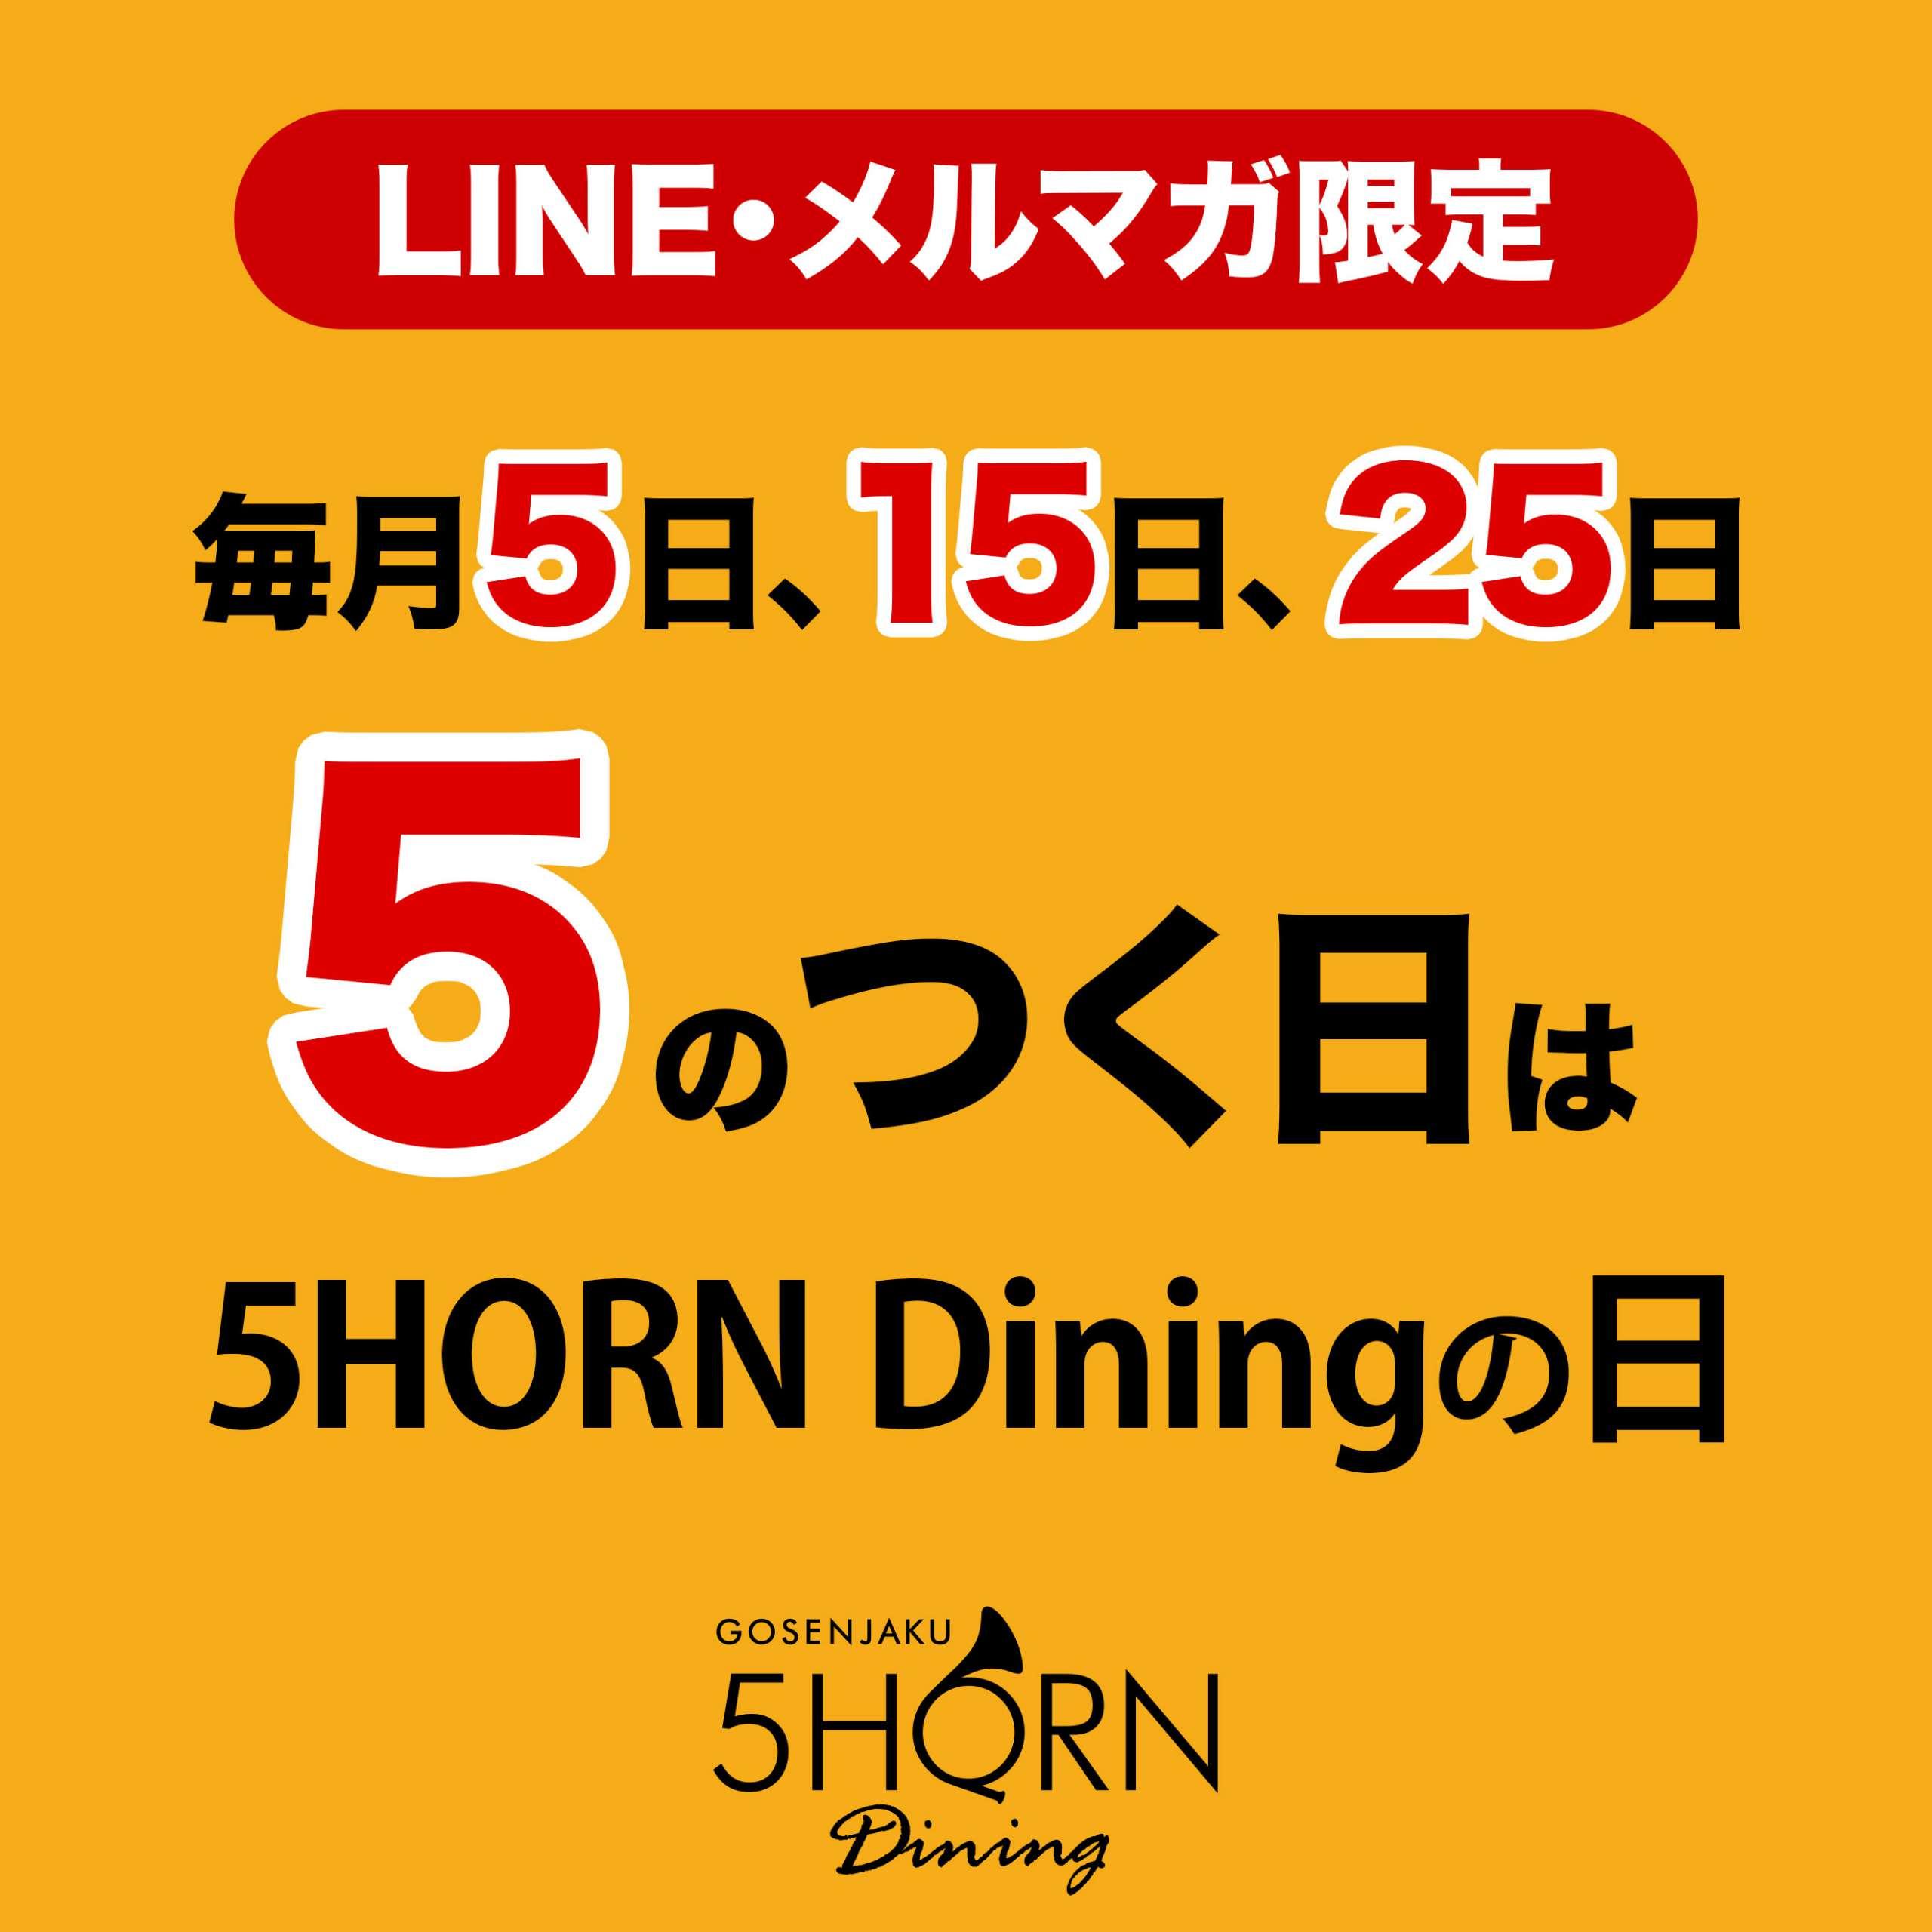 「5」のつく日は5HORN-Diningの日